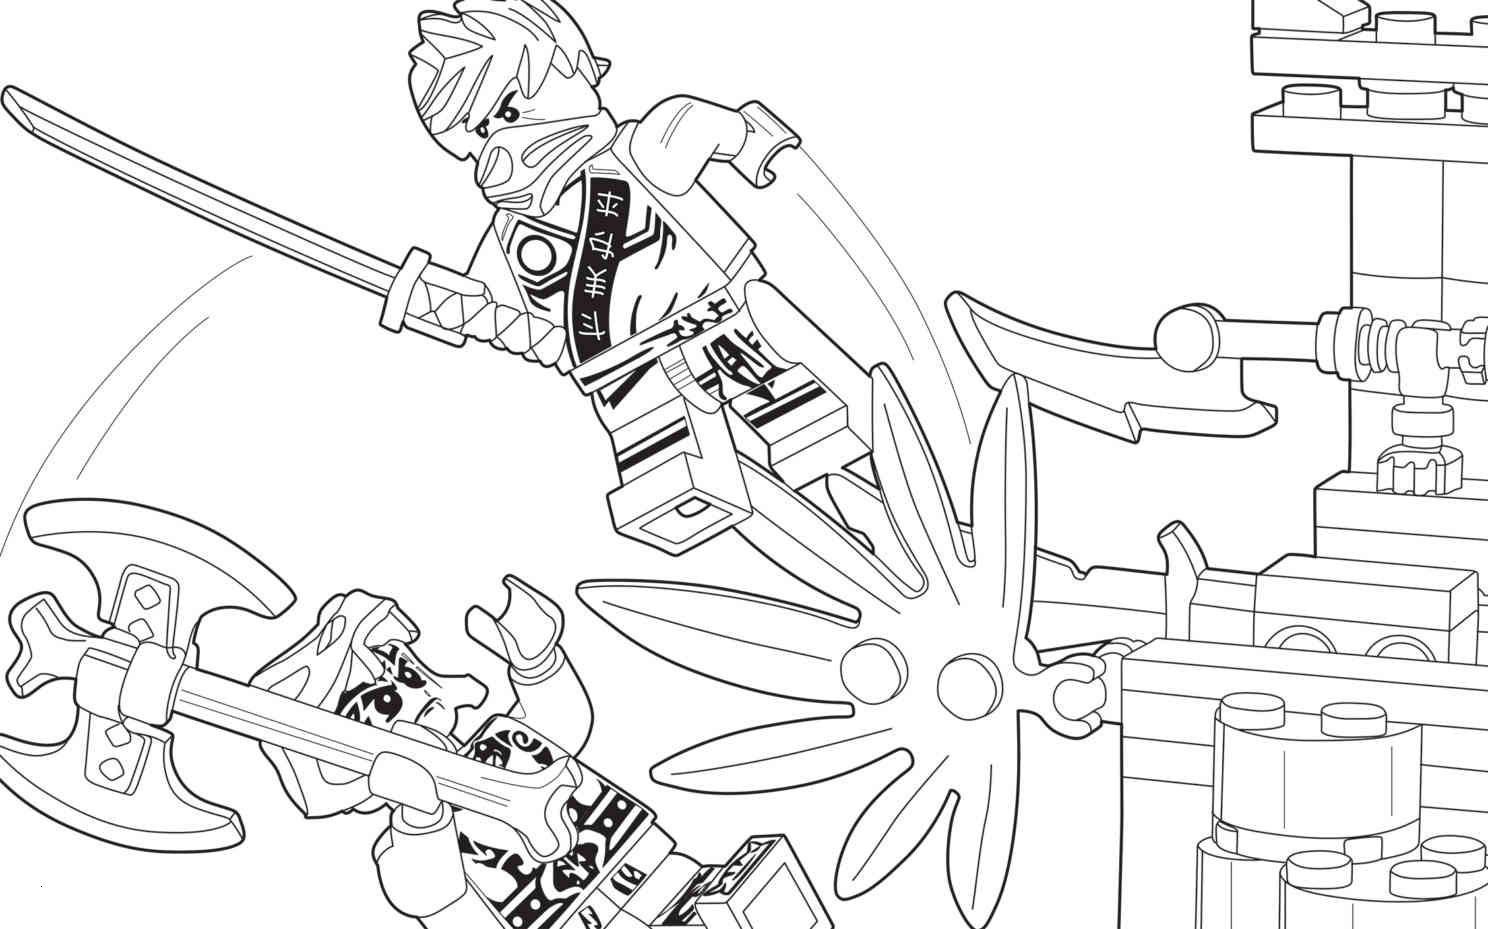 Ninjago Kai Ausmalbilder Das Beste Von 40 Ninjago Ausmalbilder forstergallery Bilder